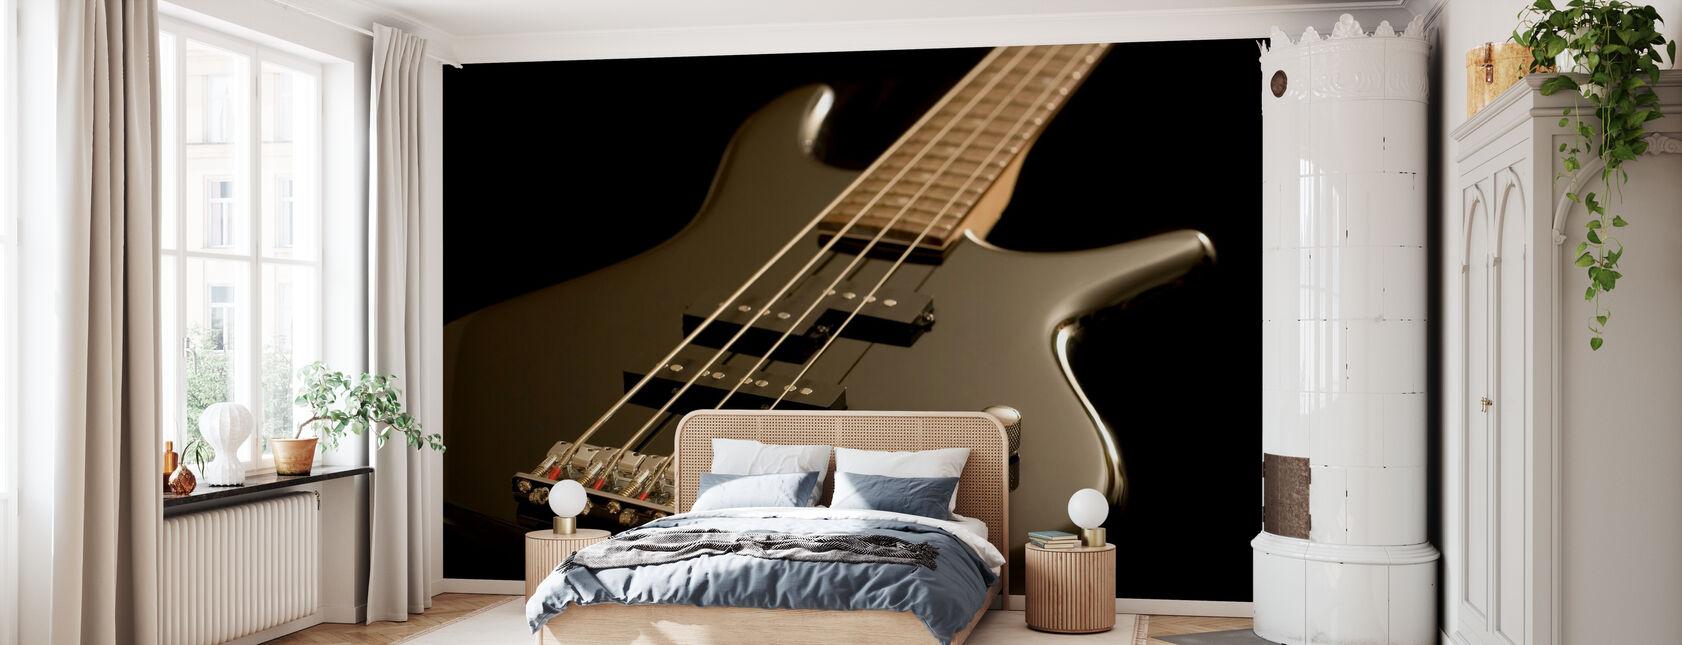 Electric Bass Guitar - Wallpaper - Bedroom